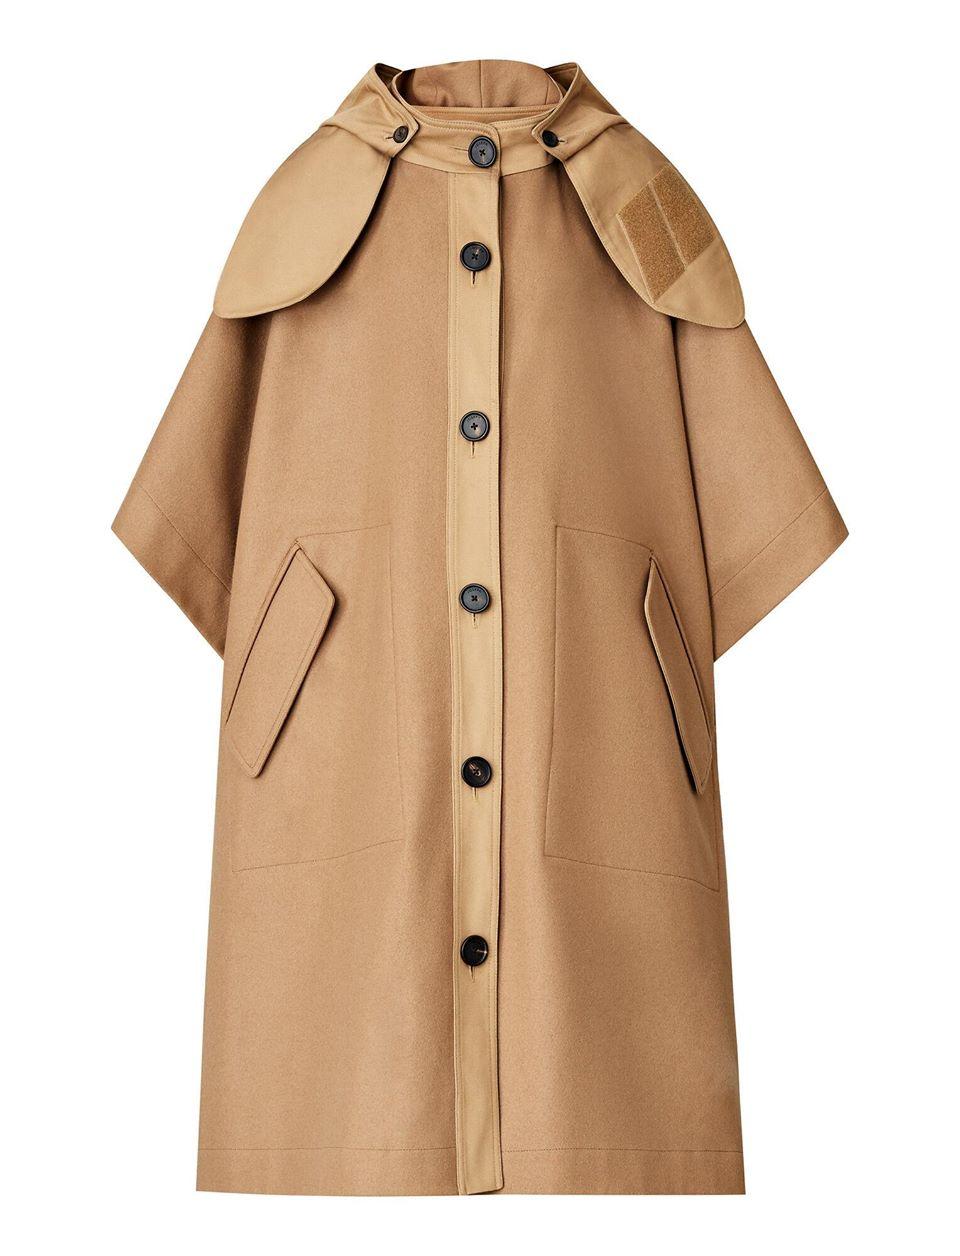 Cape Compact Felt Coat